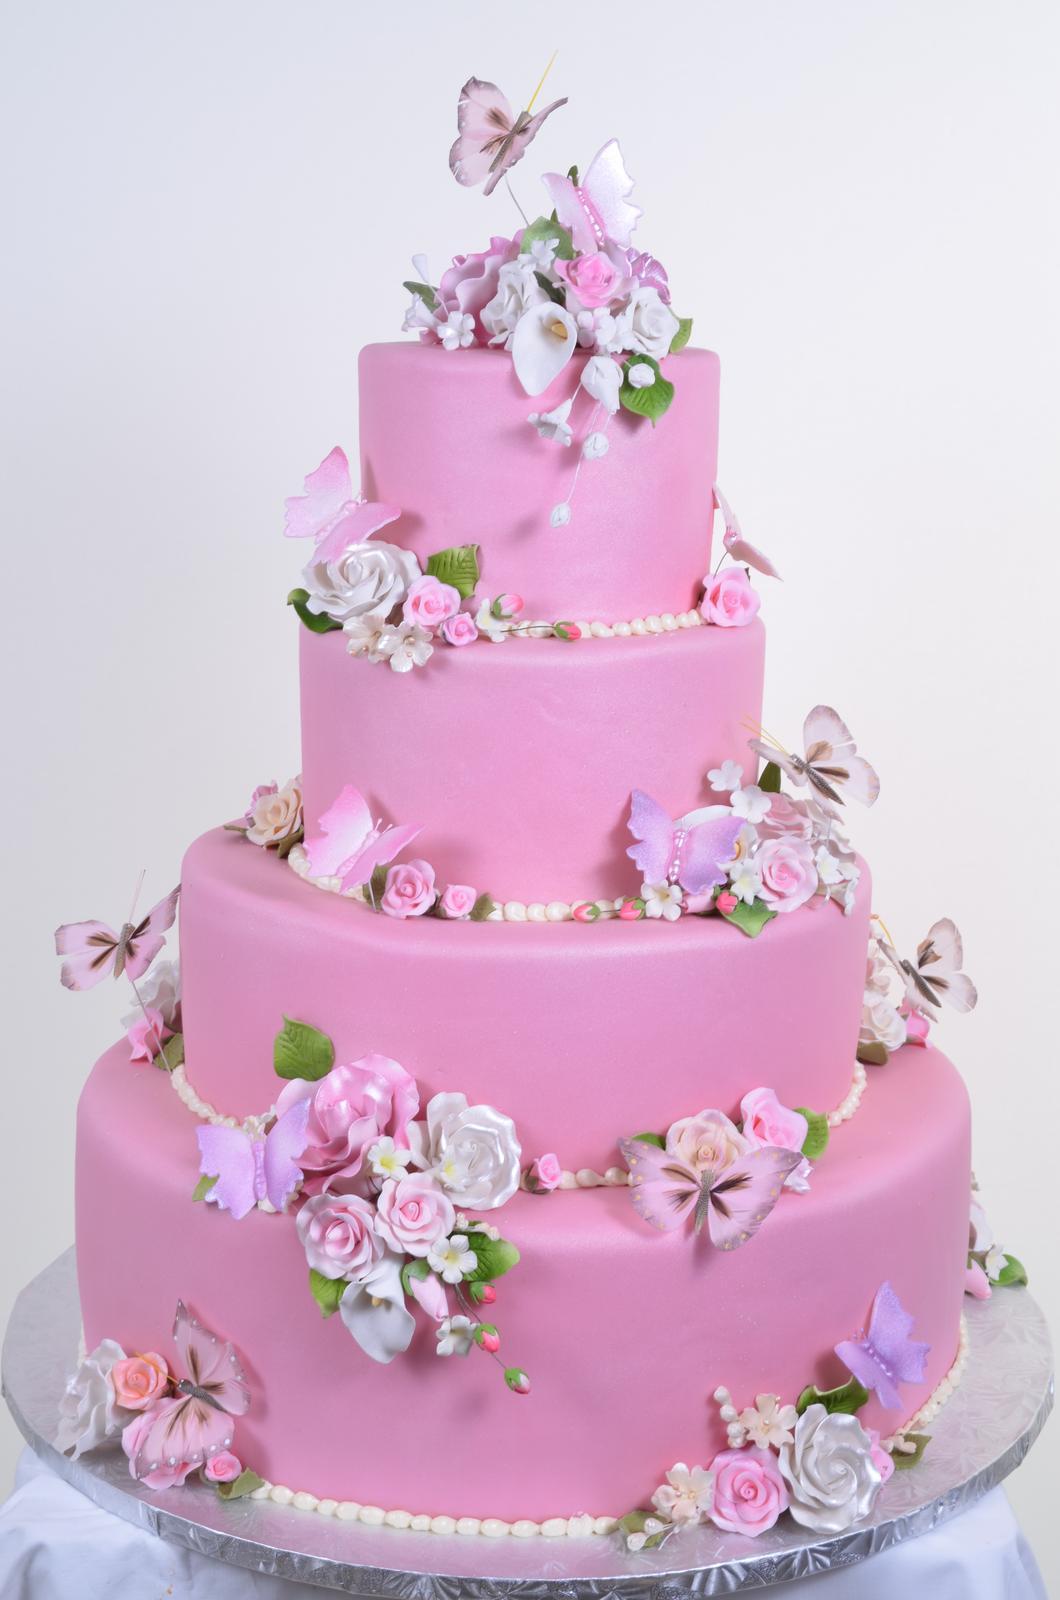 Ružové torty inšpirácie - Obrázok č. 12